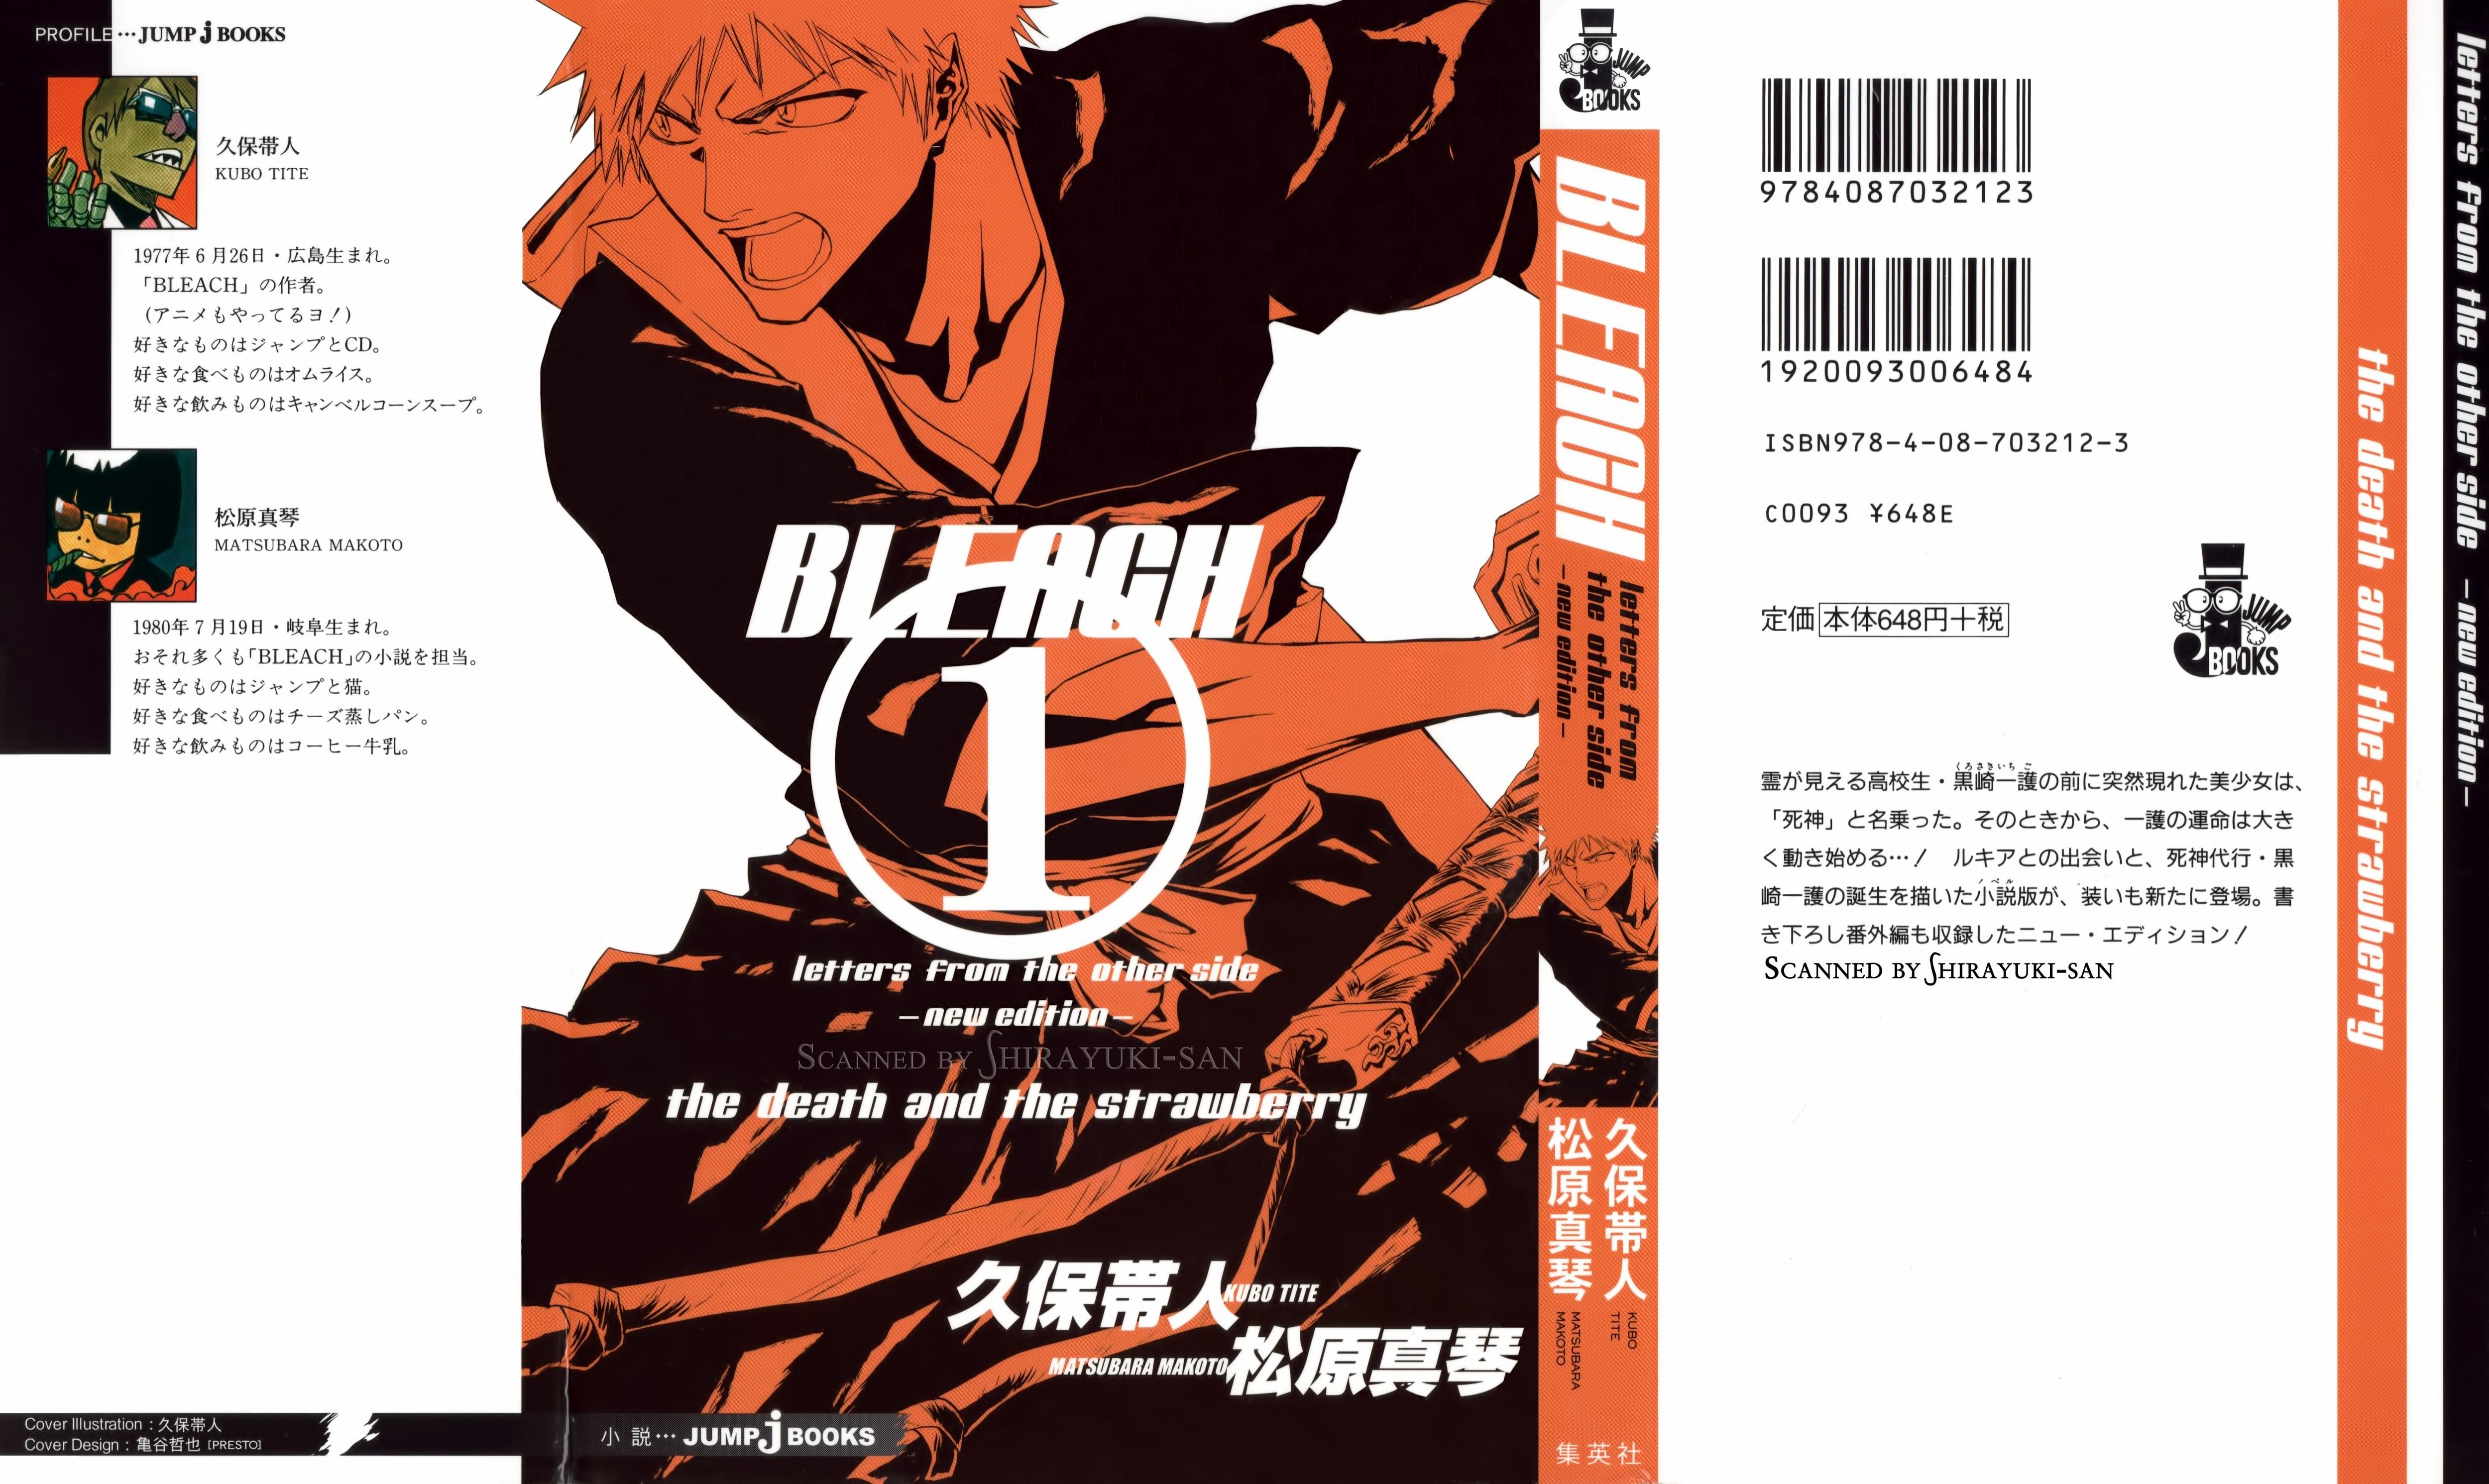 http://images6.fanpop.com/image/photos/33900000/Bleach-Scans-kurosaki-ichigo-33966032-5000-2982.jpg